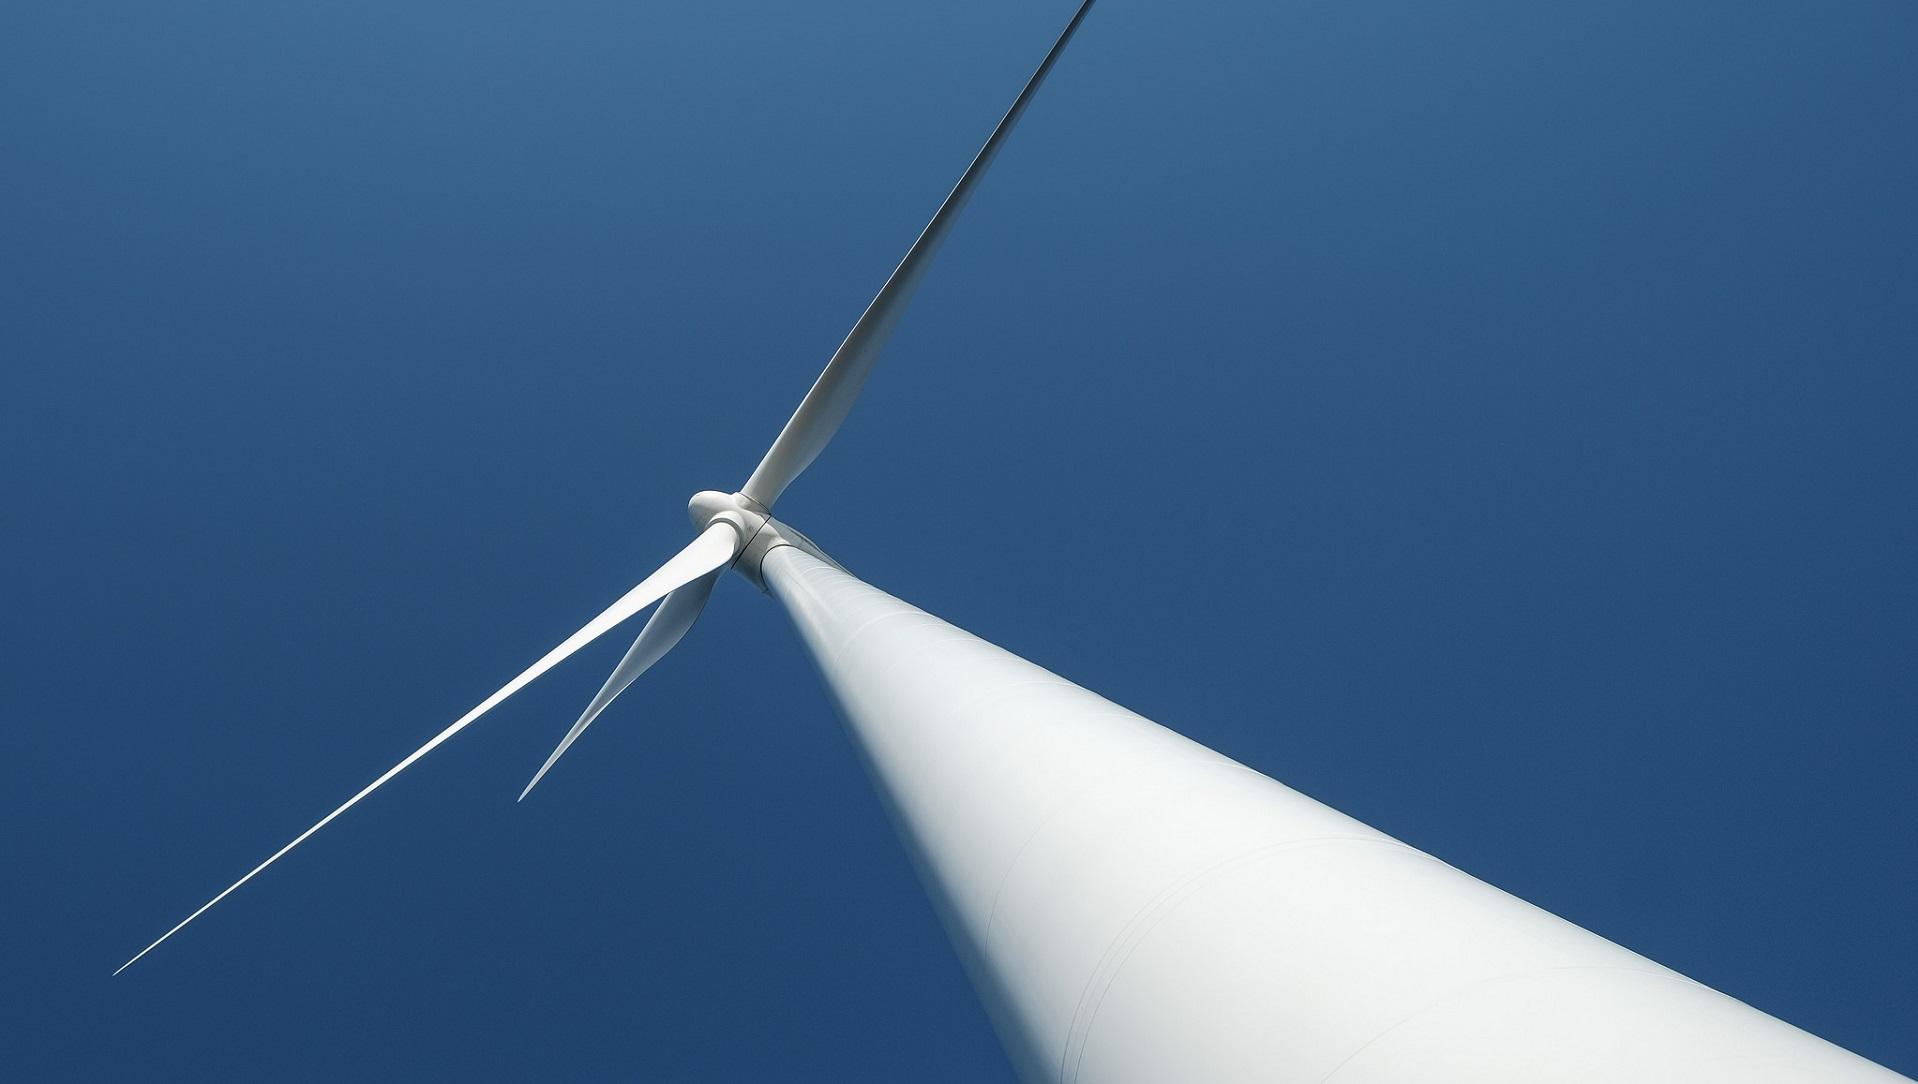 Esta turbina eólica es la más alta del mundo: casi 250 metros